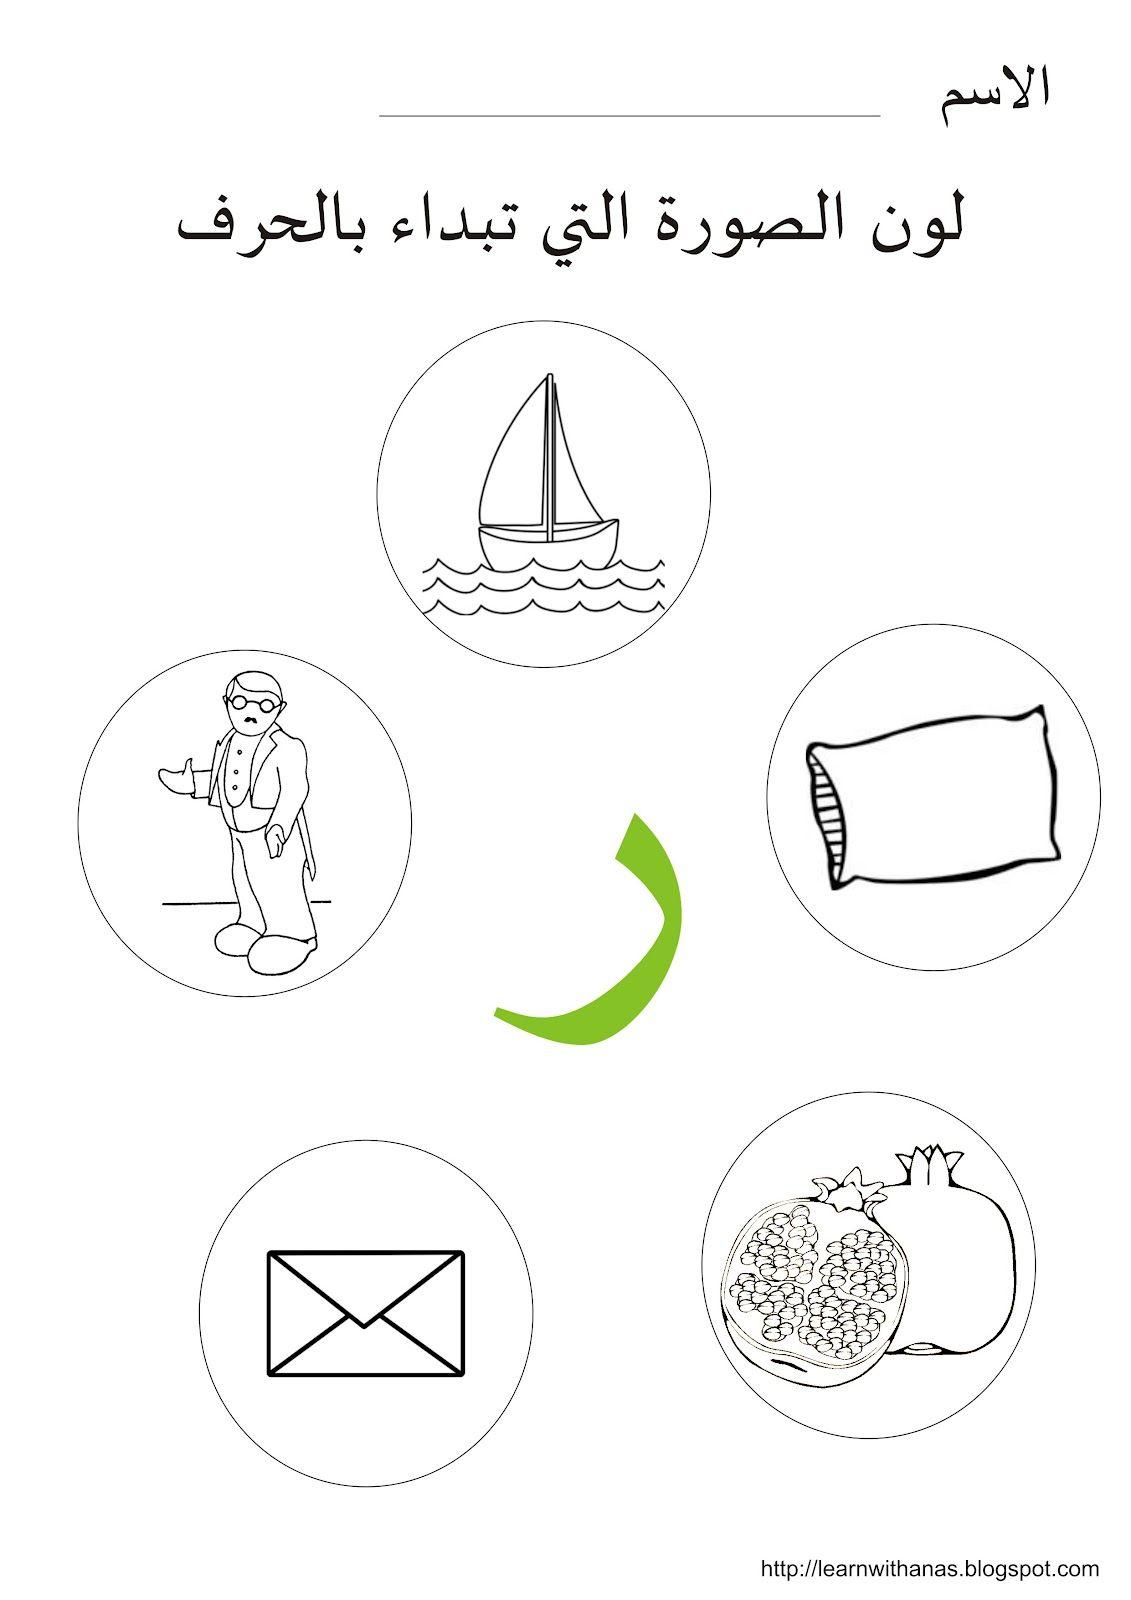 تعلم مع أنس أكتب وتتبع ولون الحرف ر Learning Arabic Learn Arabic Online Learn Arabic Alphabet